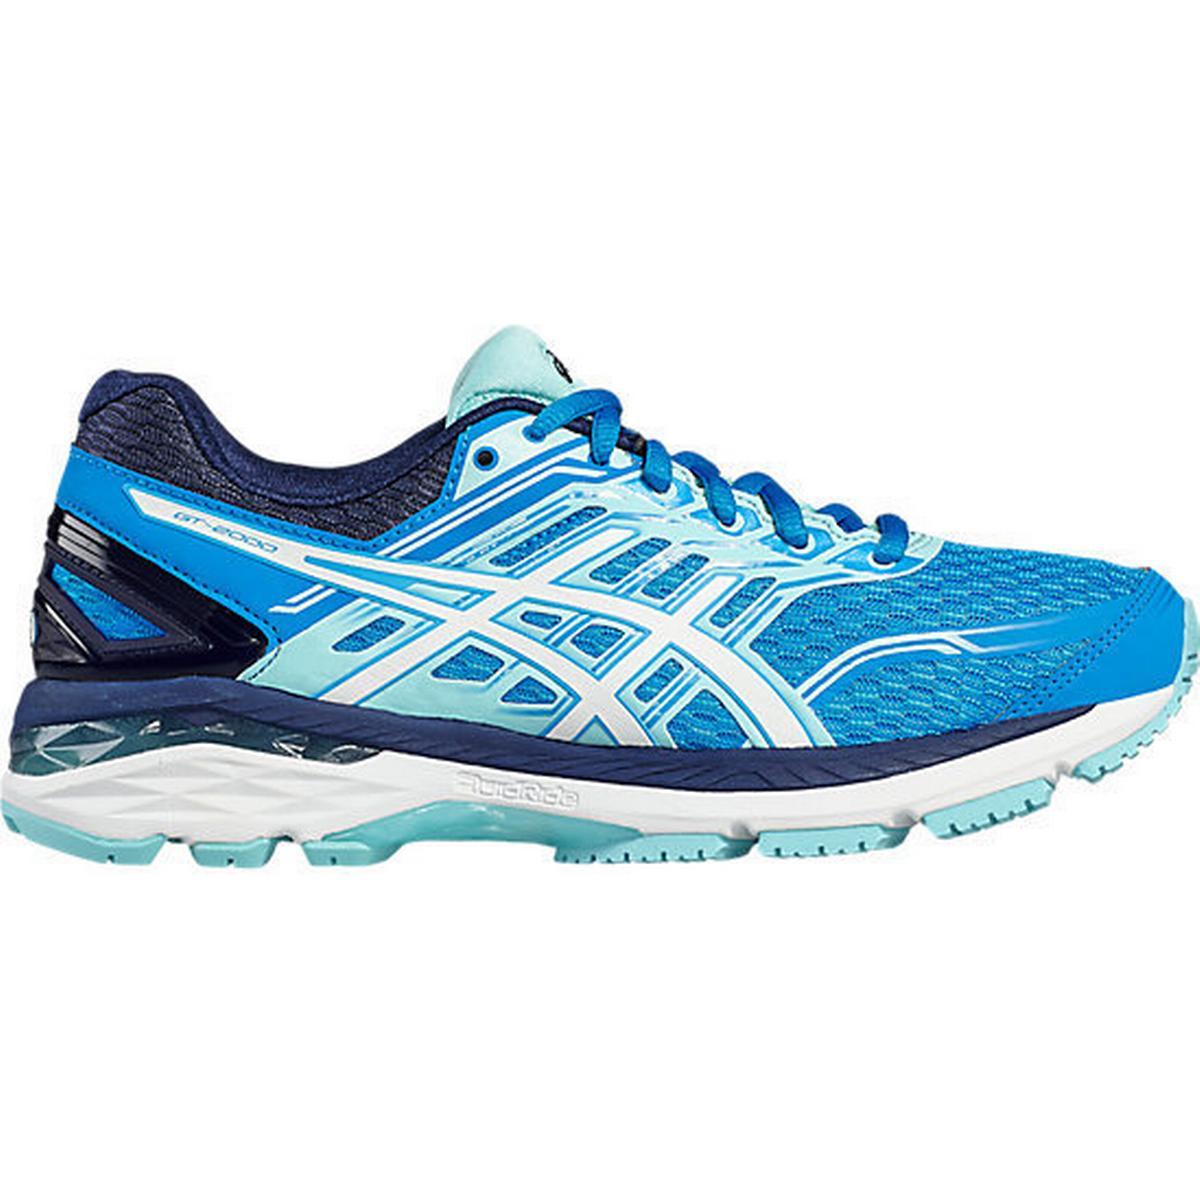 ASICS GT 2000 4 femmes chaussures de running